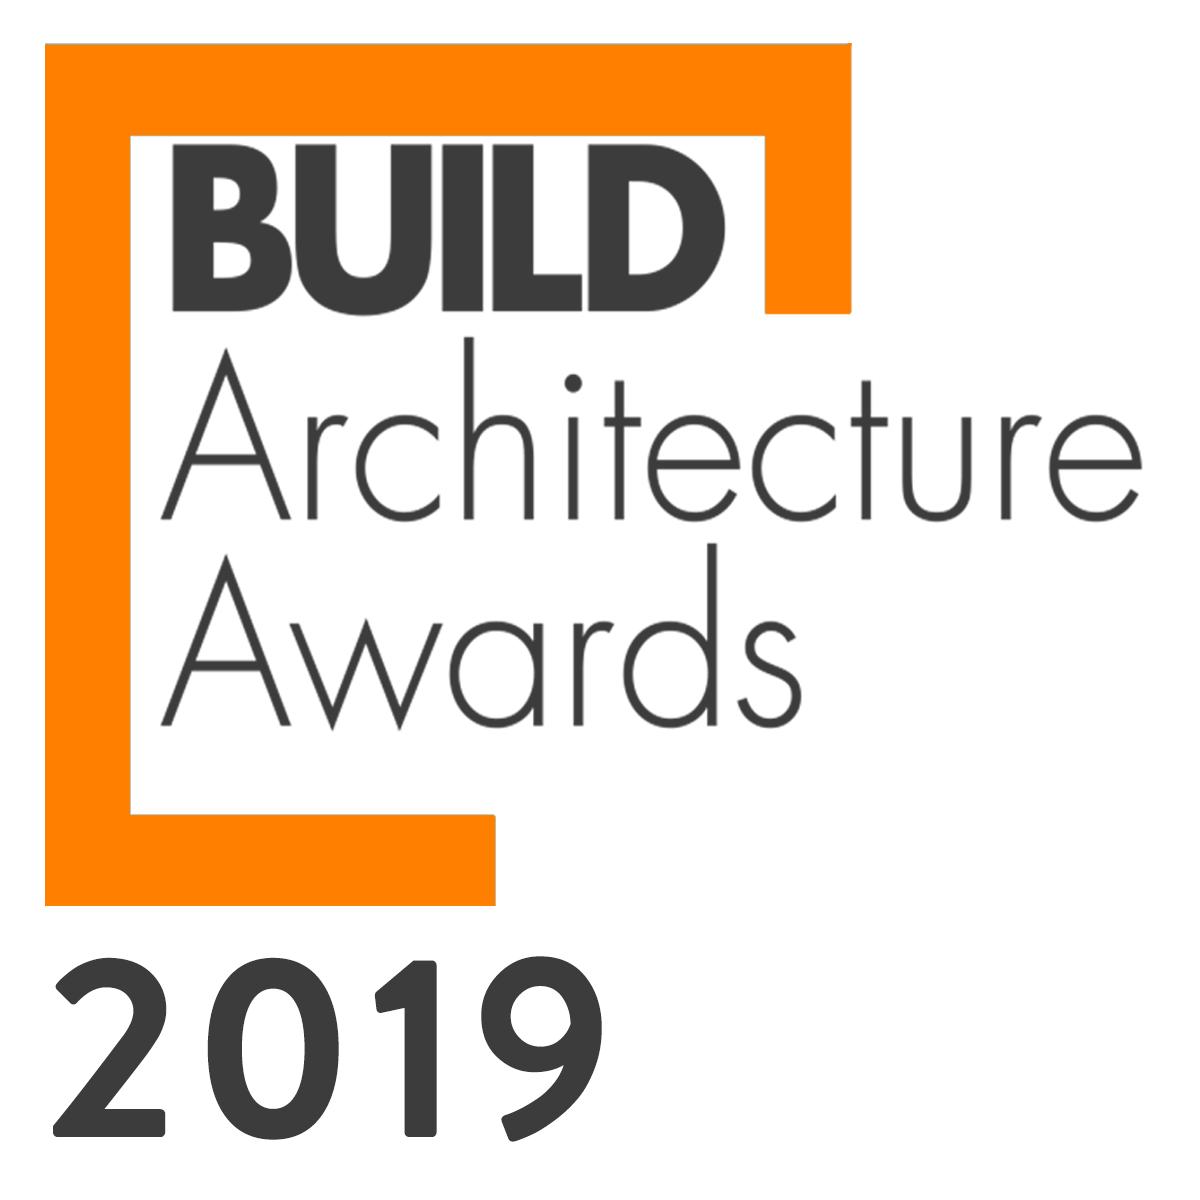 Build 2019 Awards